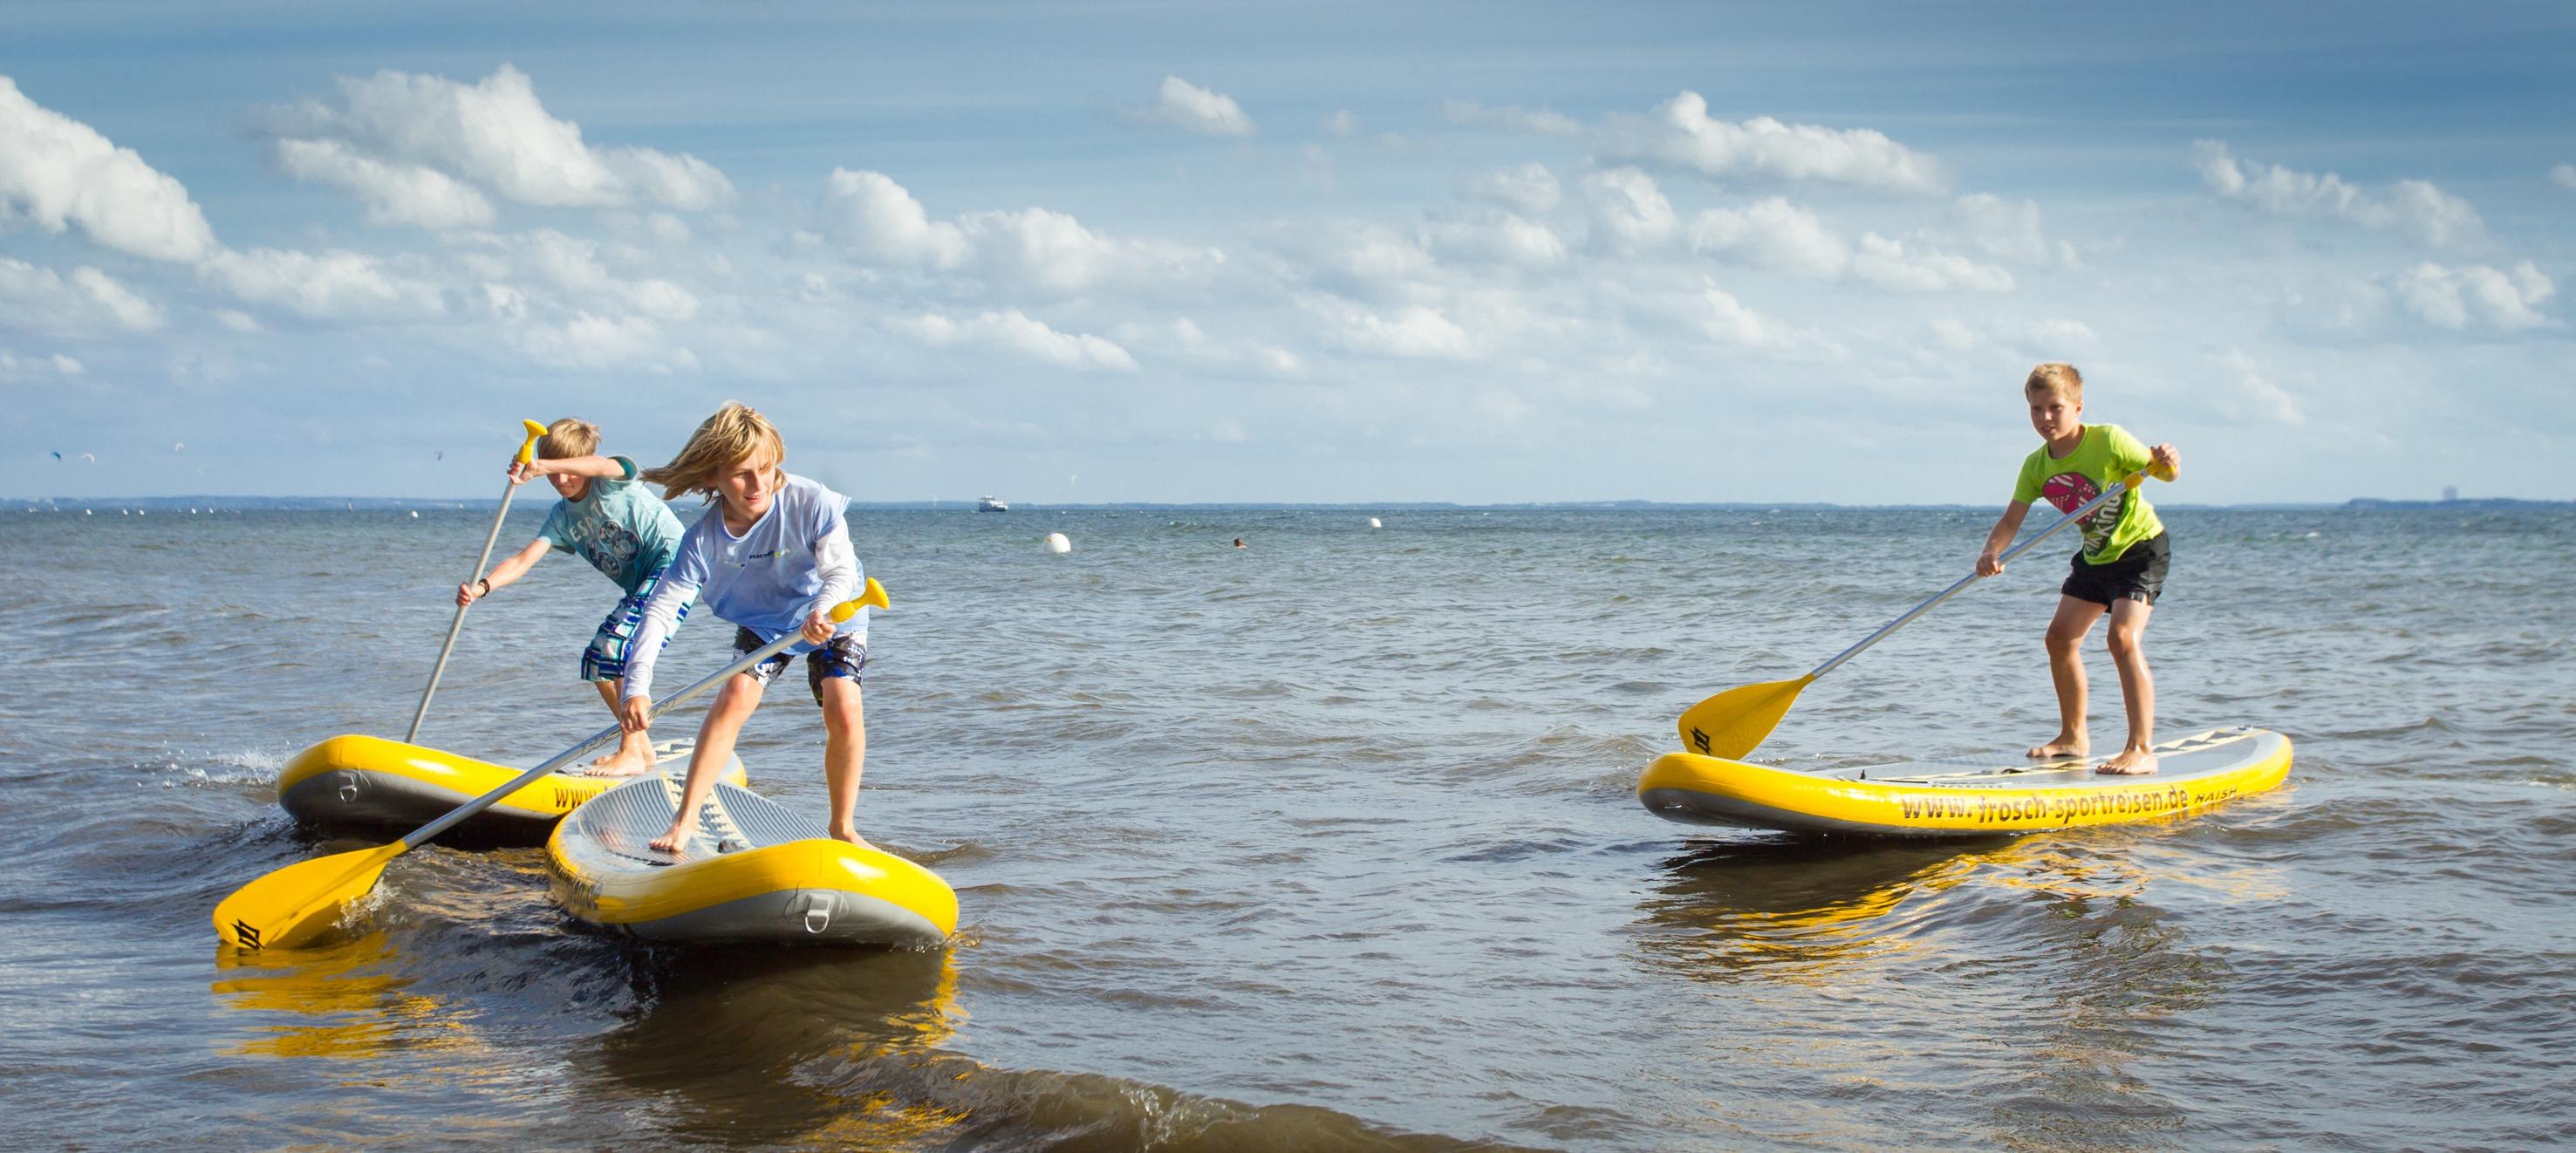 Spaß beim SUP im Strandkind an der Ostsee